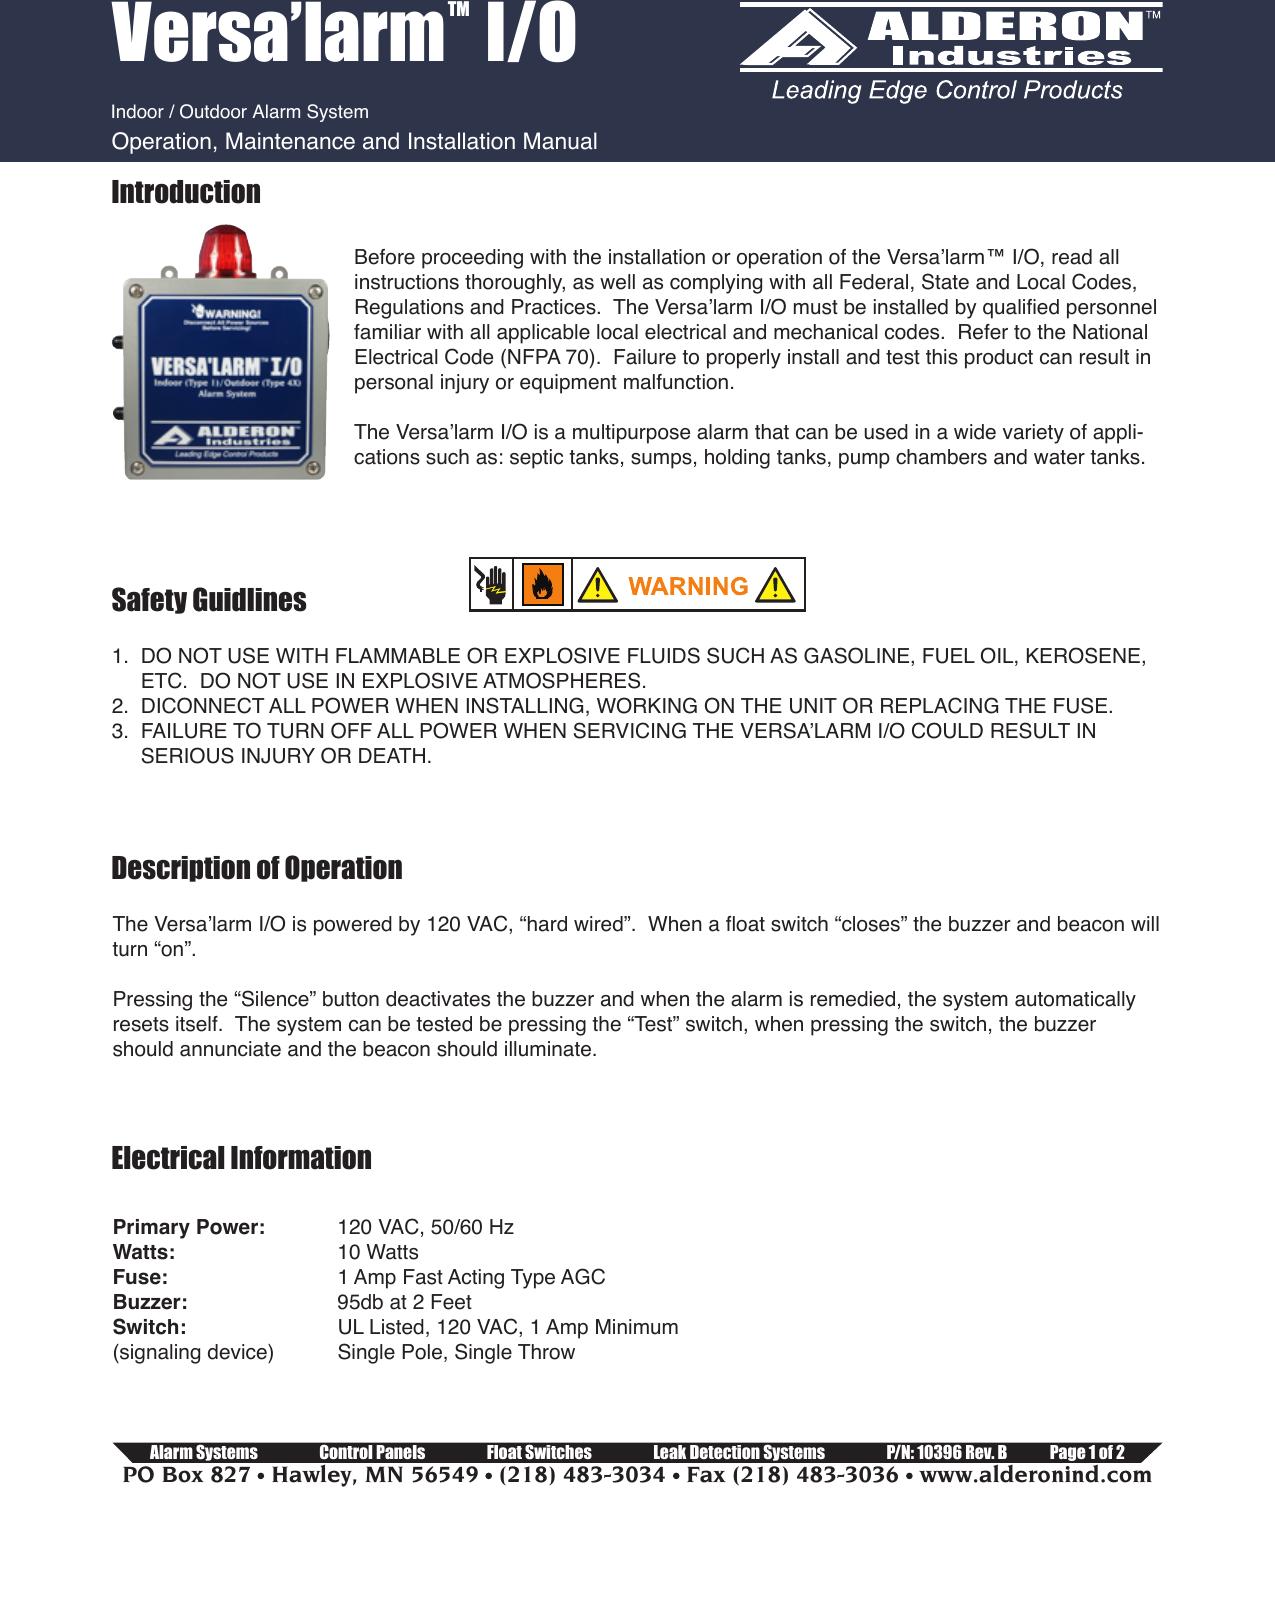 10396 Alderon Vio Installation Instructions Revb Comp 552831 2 Replacing Single Pole Switch Versalarm Indoor Outdoor Alarm Manual